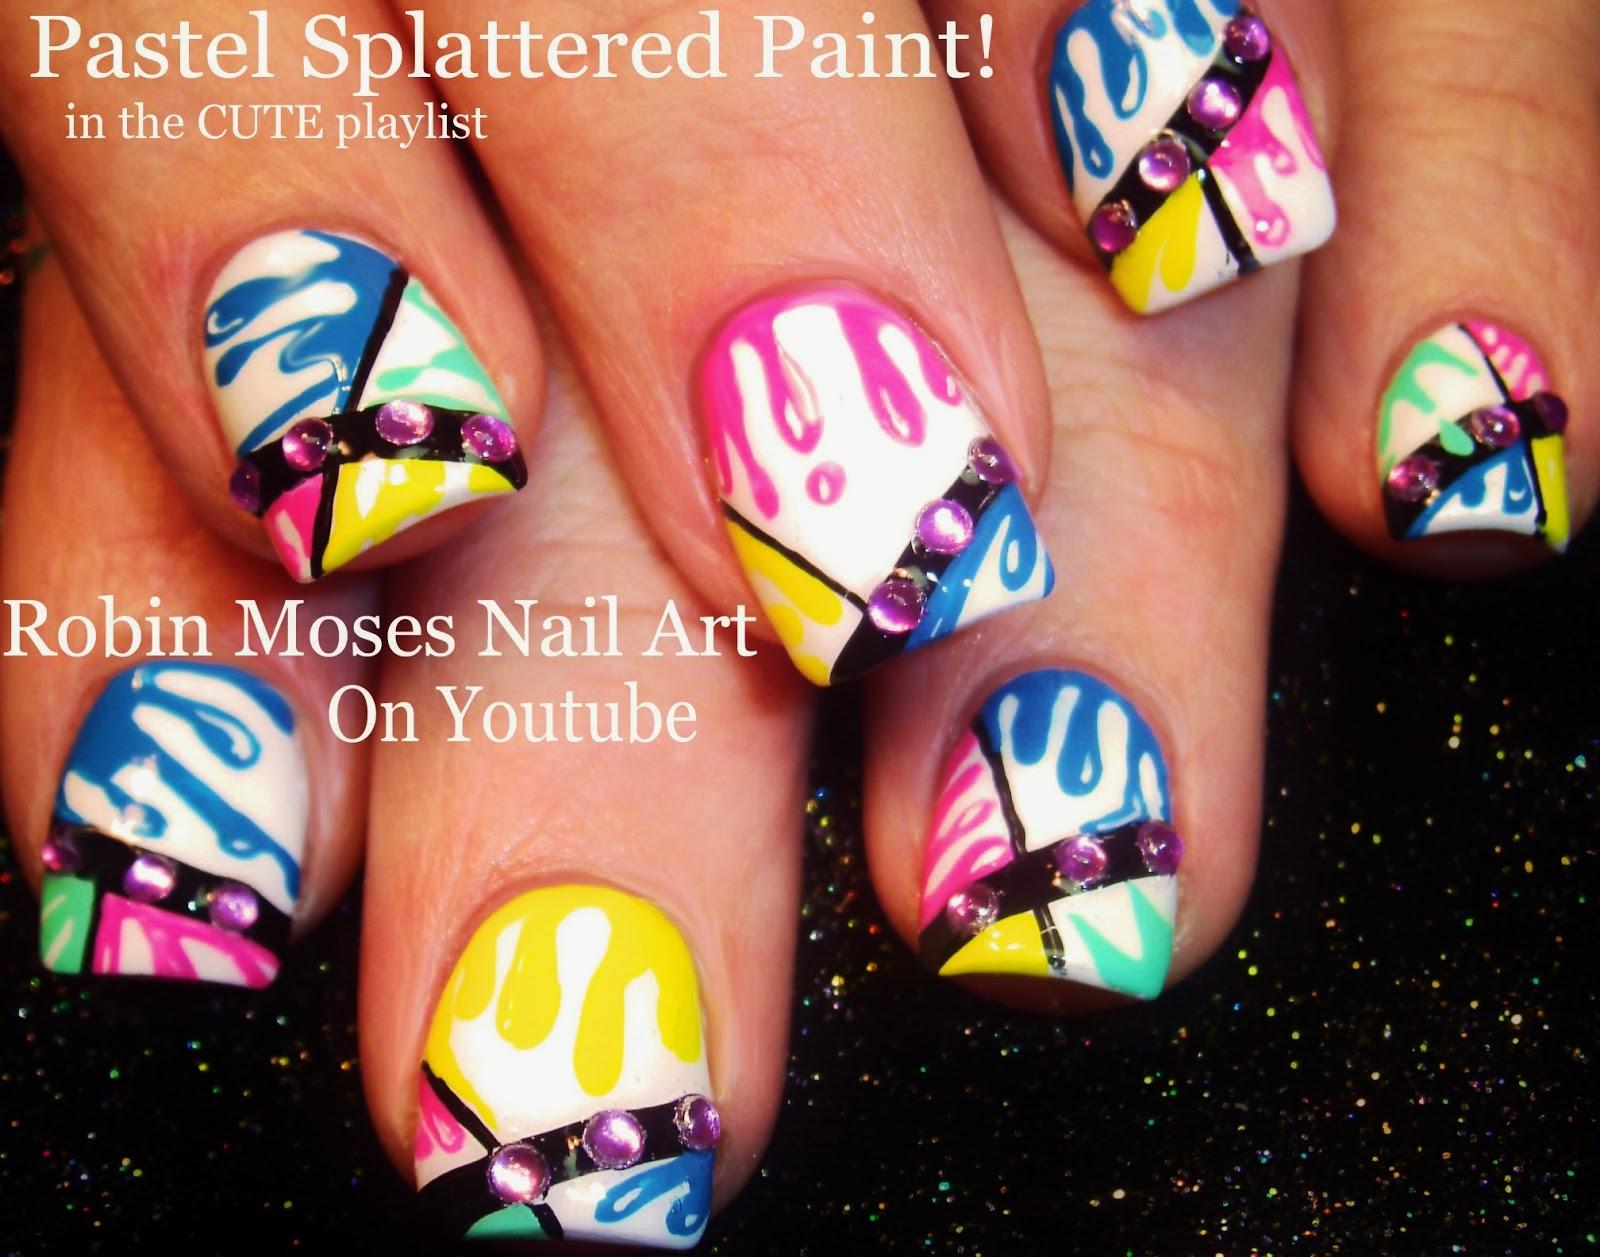 Robin Moses Nail Art: Color Dripping Nail Design!